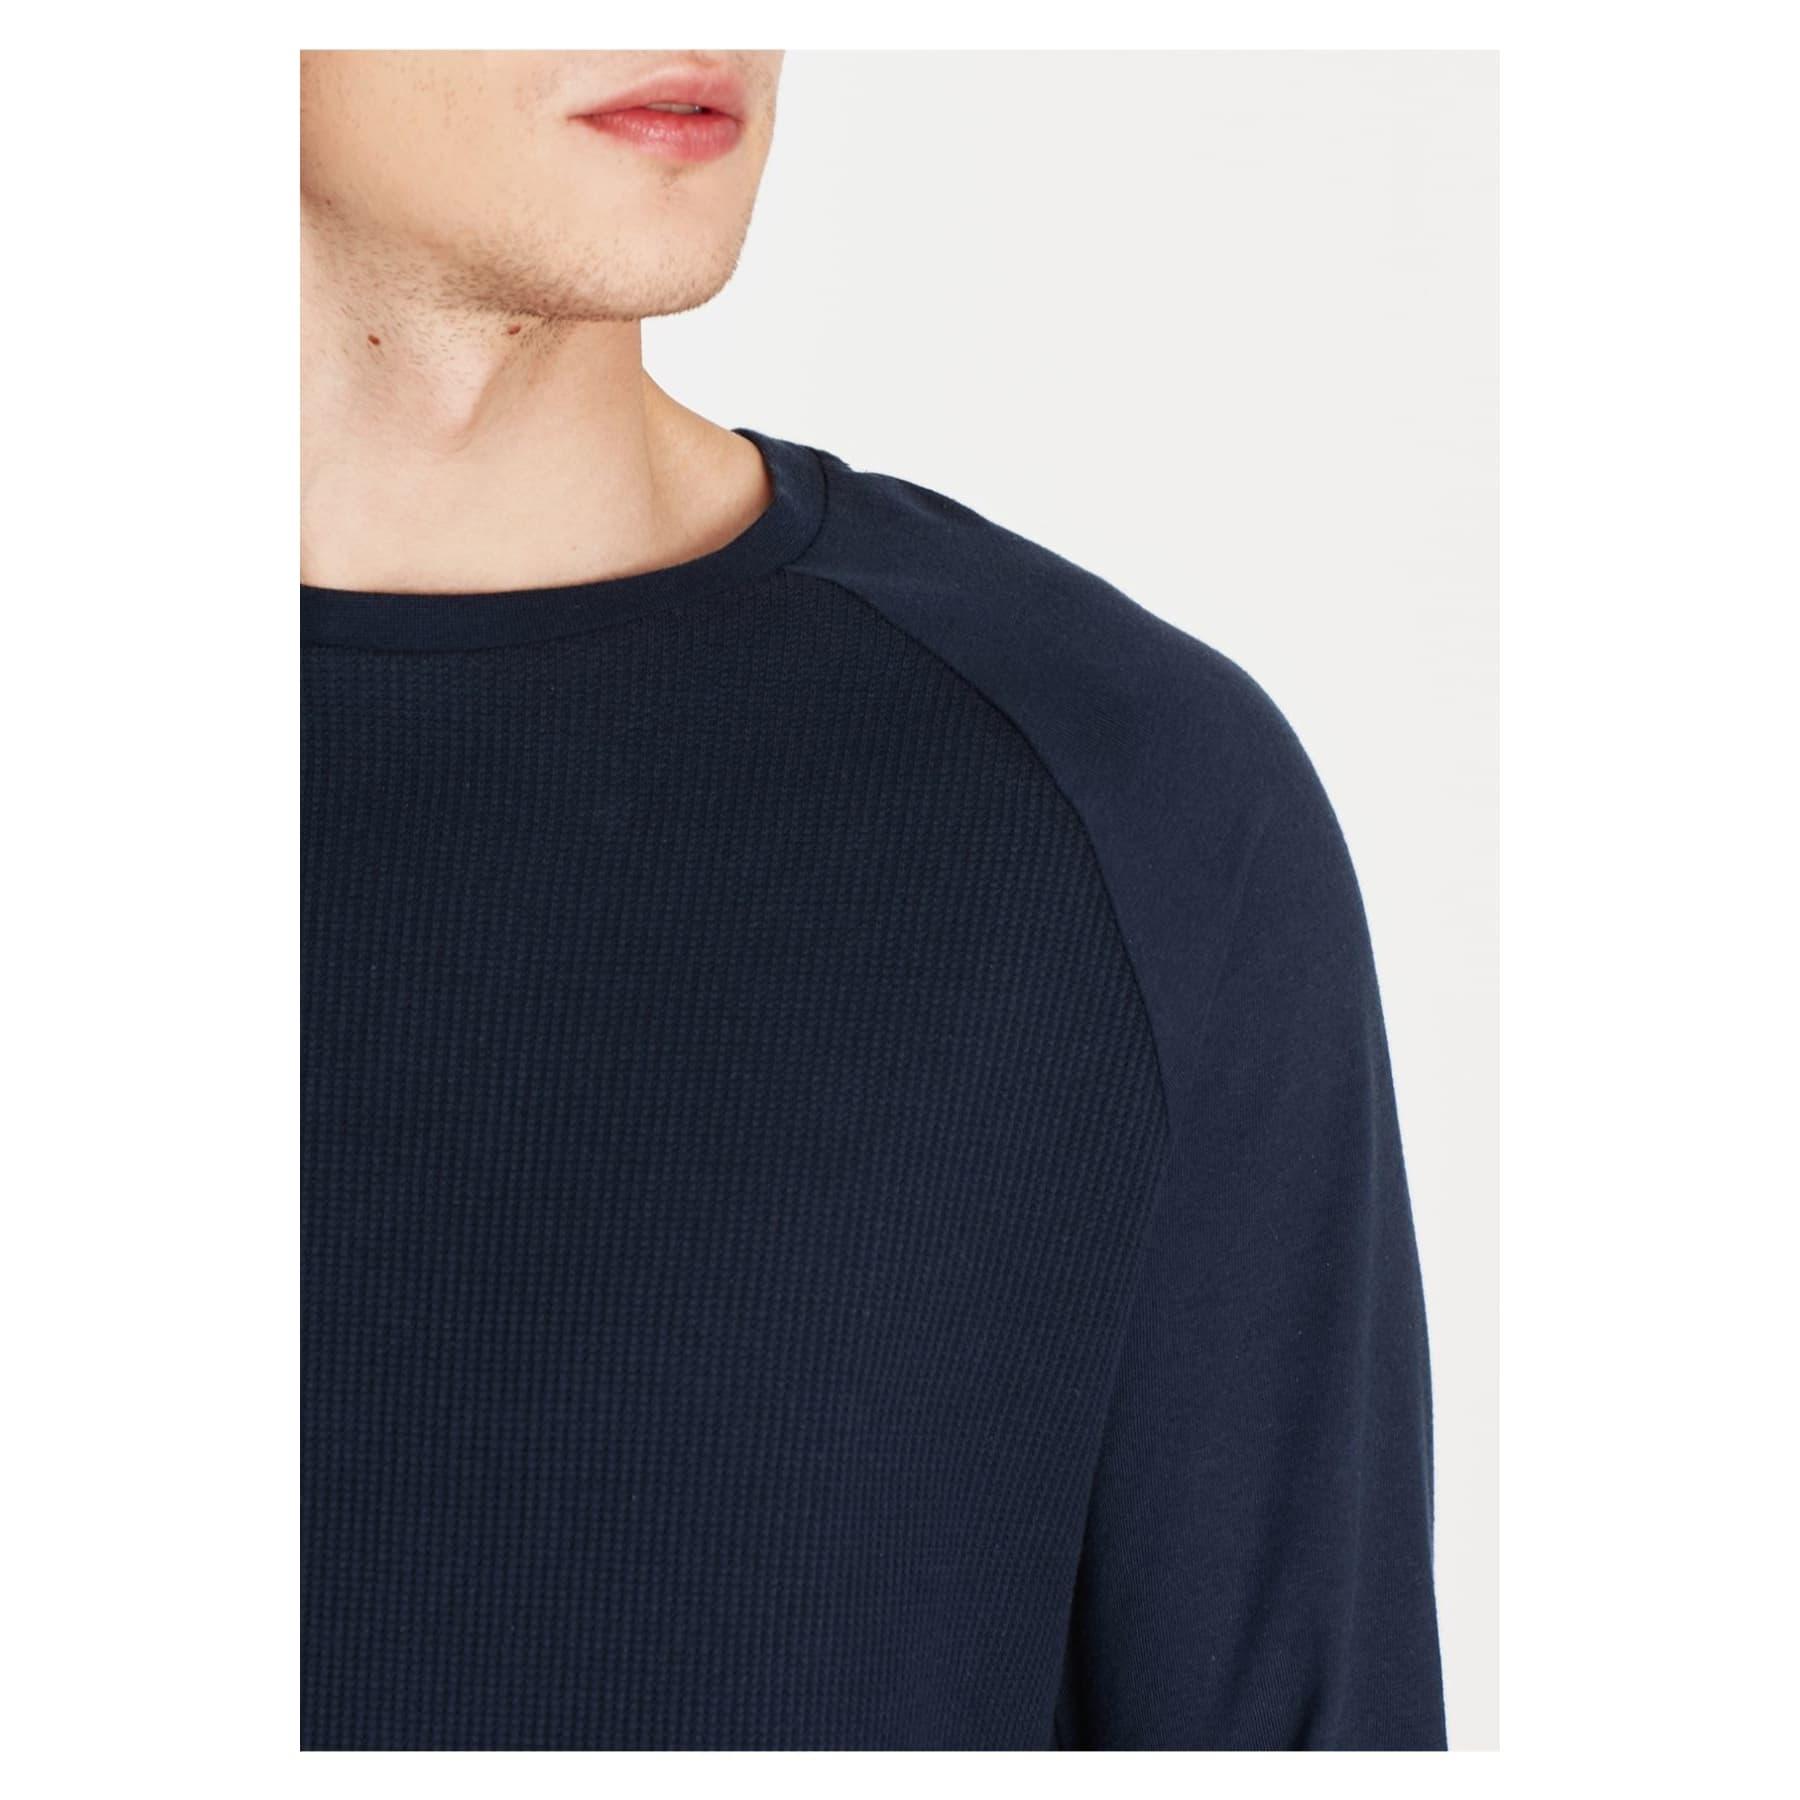 Uzun Kollu Erkek Lacivert Tişört (065195-26828)